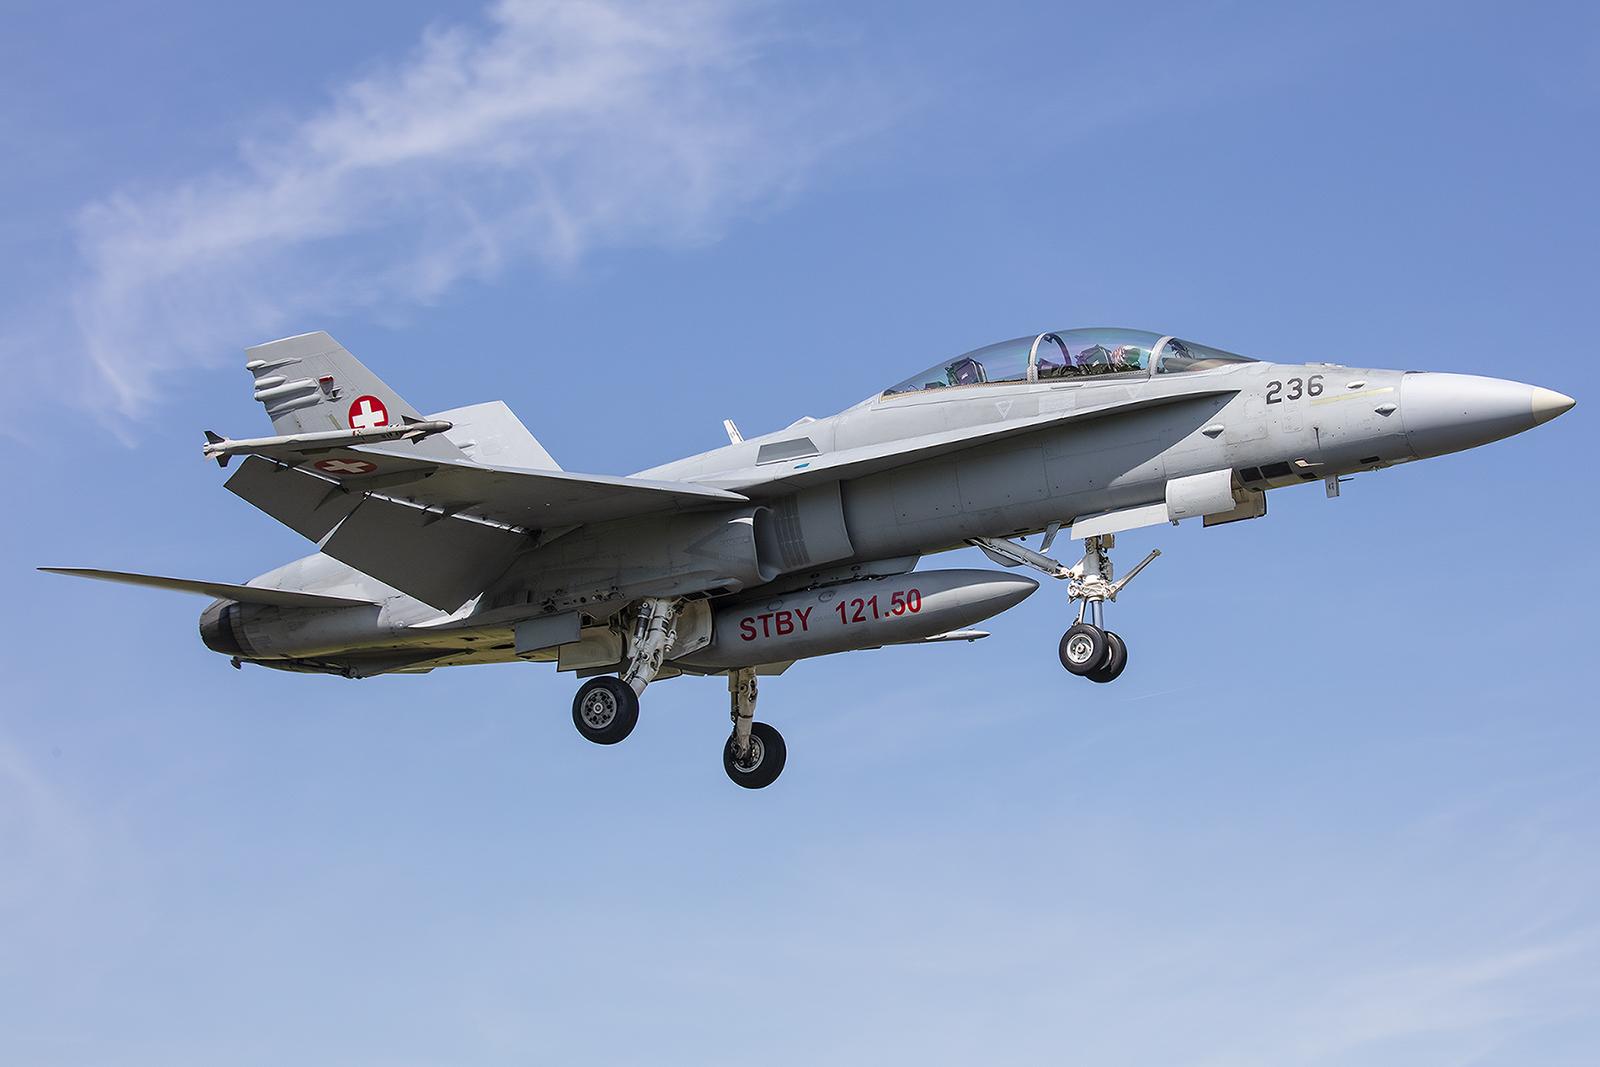 Von ursprünglich einmal 8 Doppelsitzern sind noch sieben im Dienst der Schweizer Luftwaffe, eine ging durch Absturz verloren.